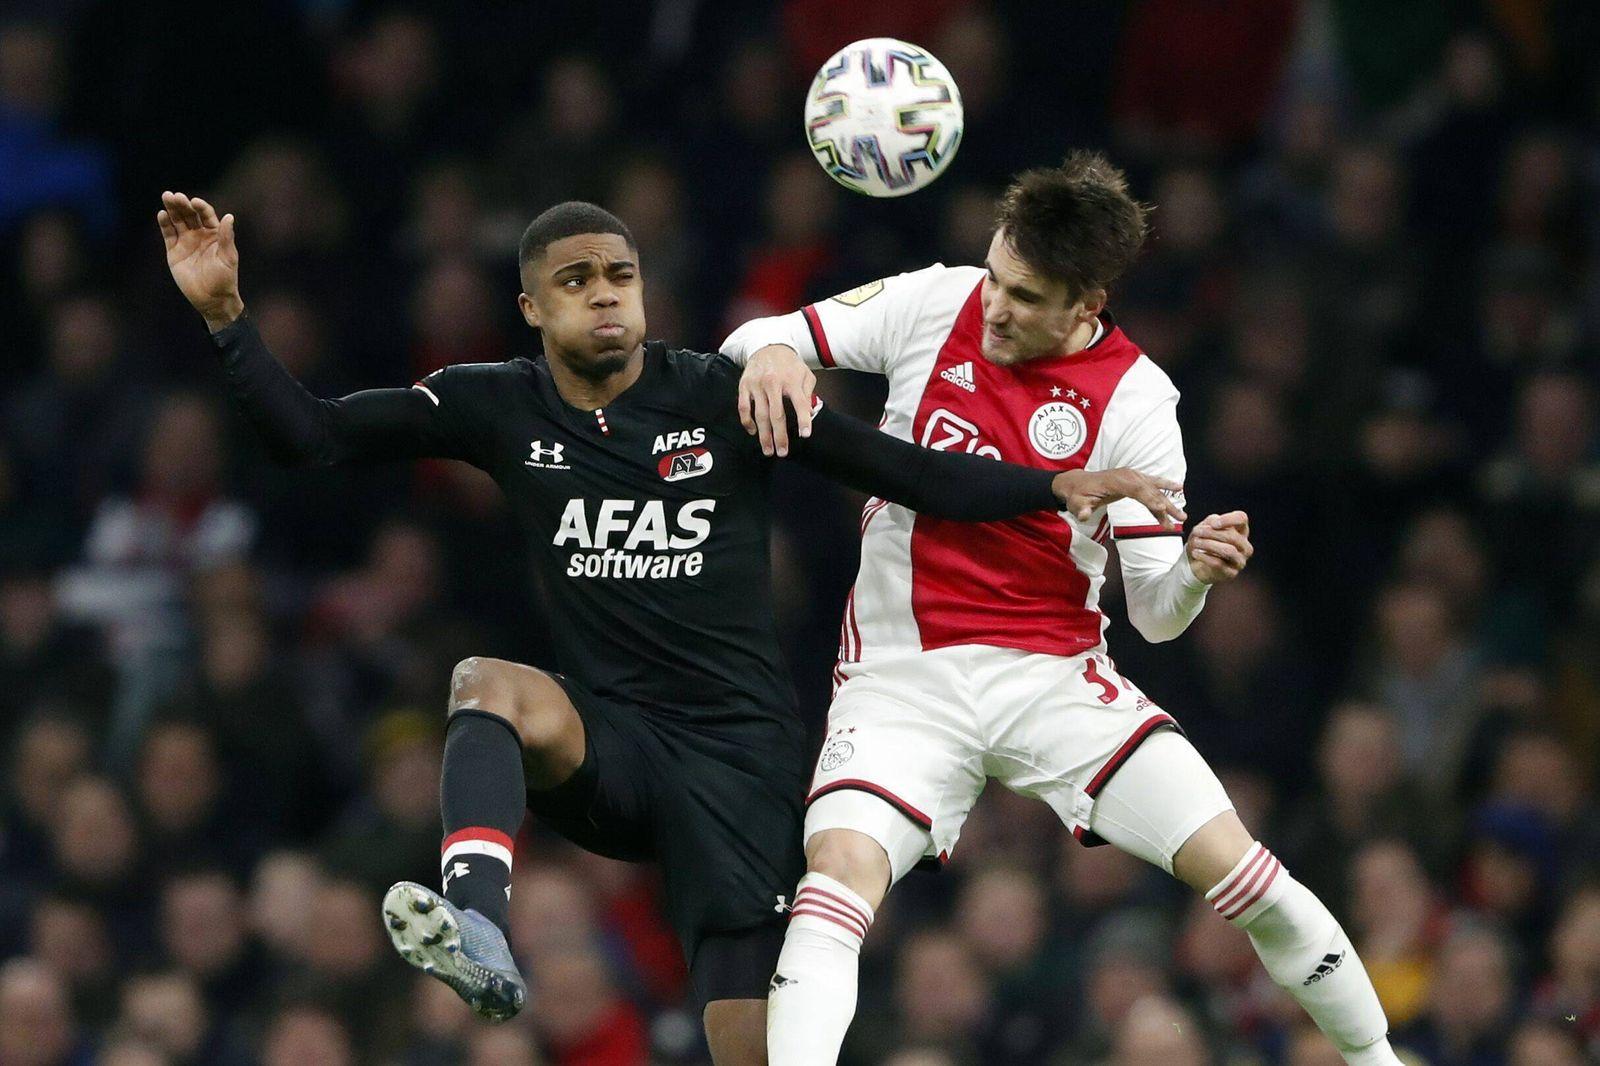 Sport Bilder des Tages (l-r) Myron Boadu of AZ Alkmaar, Nico Tagliafico of Ajax during the Dutch Eredivisie match betwee